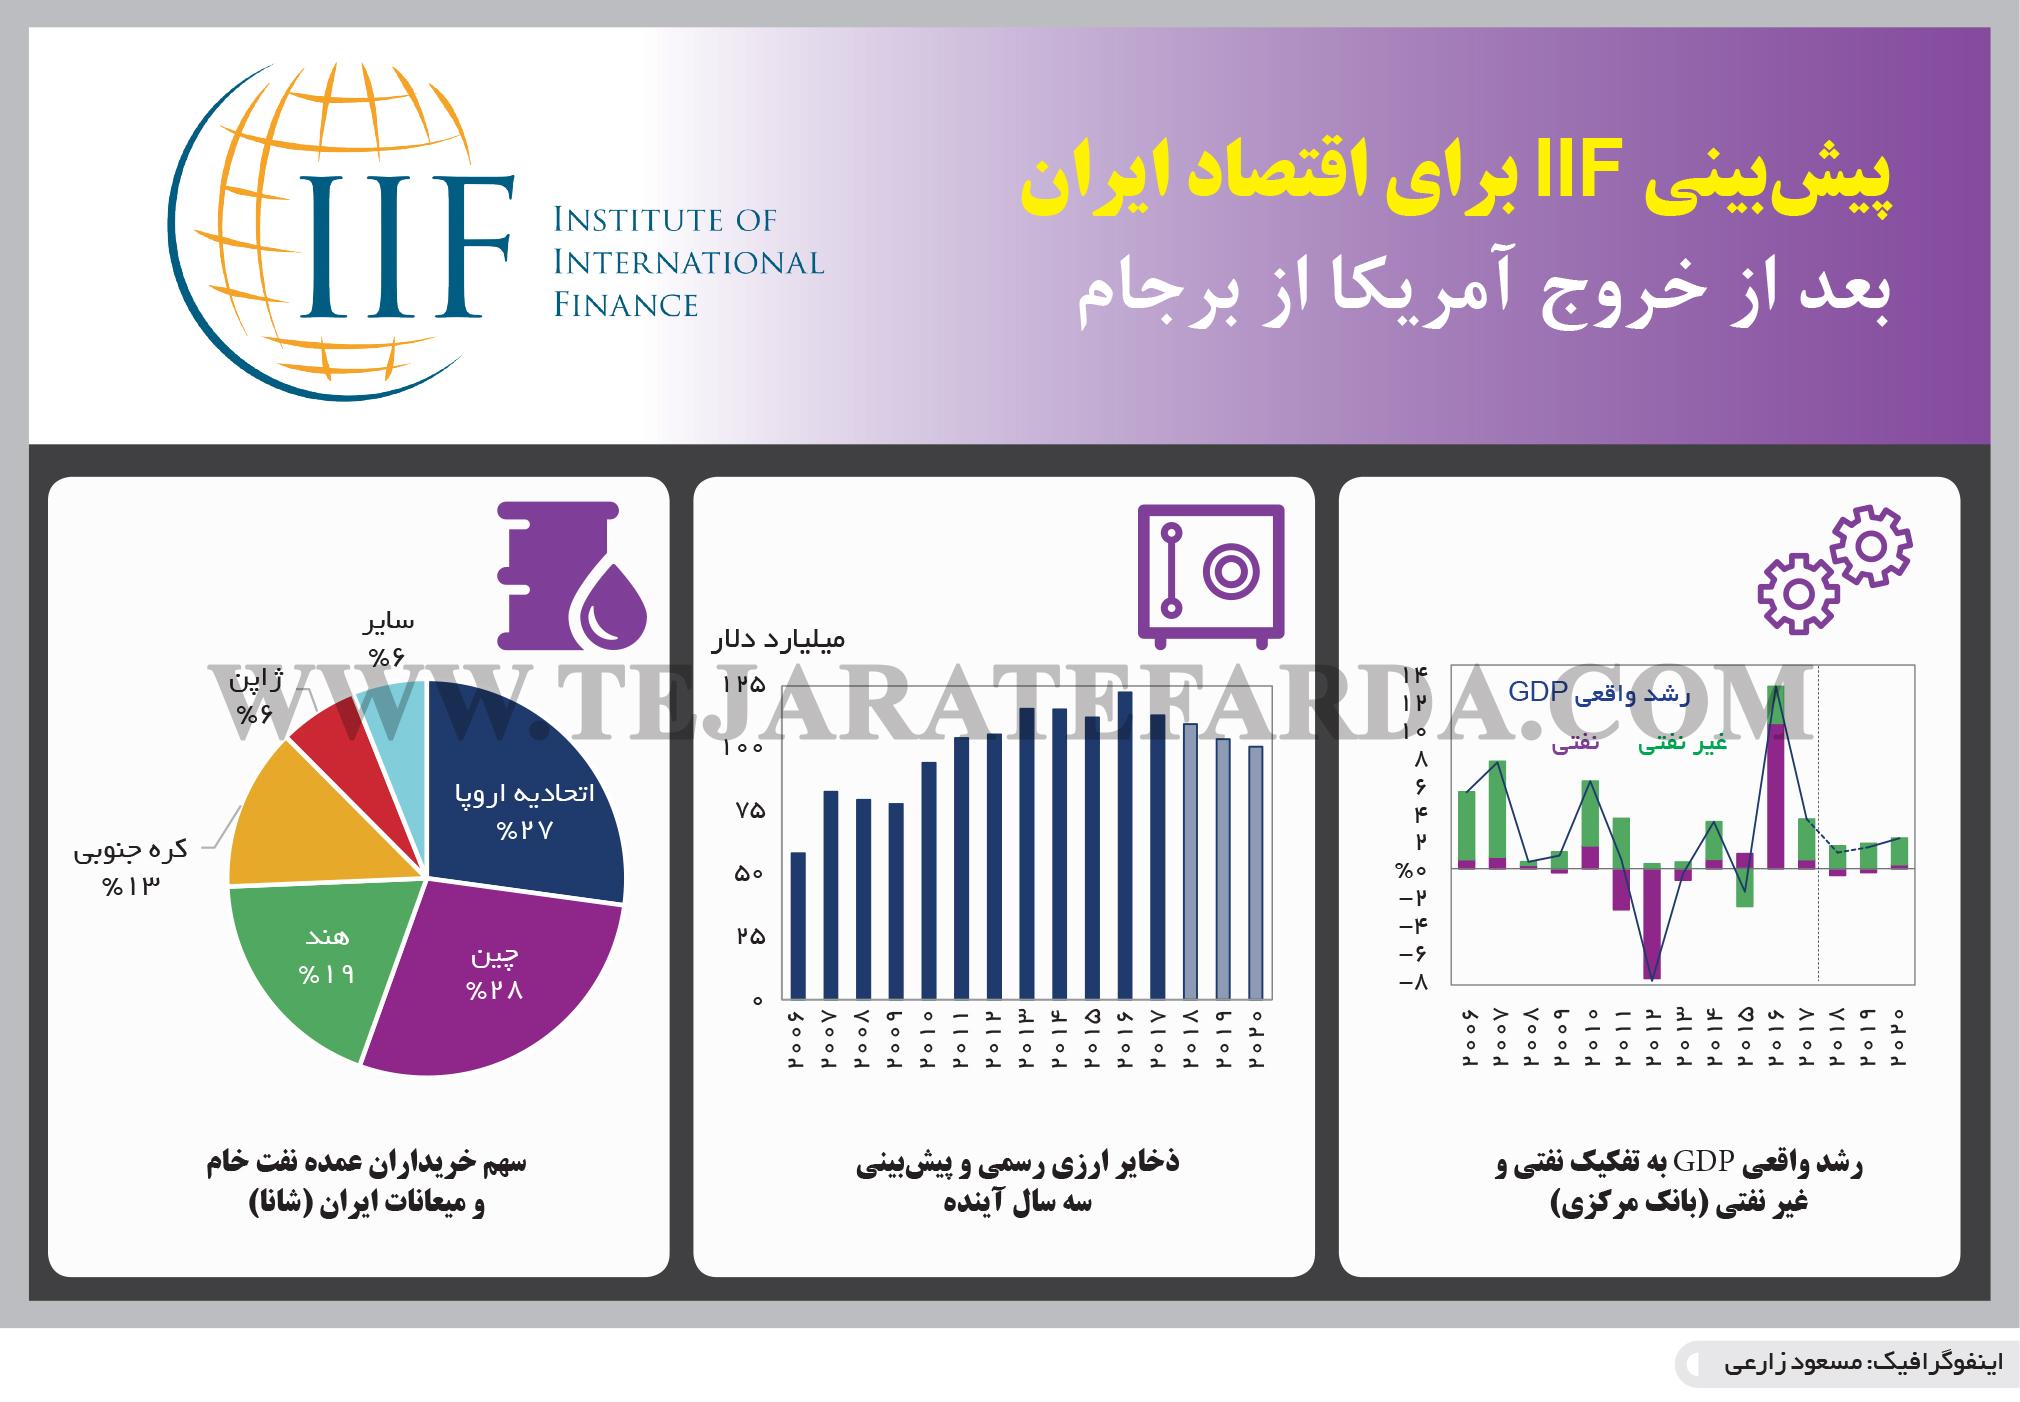 تجارت فردا- اینفوگرافیک- پیشبینی IIF برای اقتصاد ایران بعد از خروج آمریکا از برجام